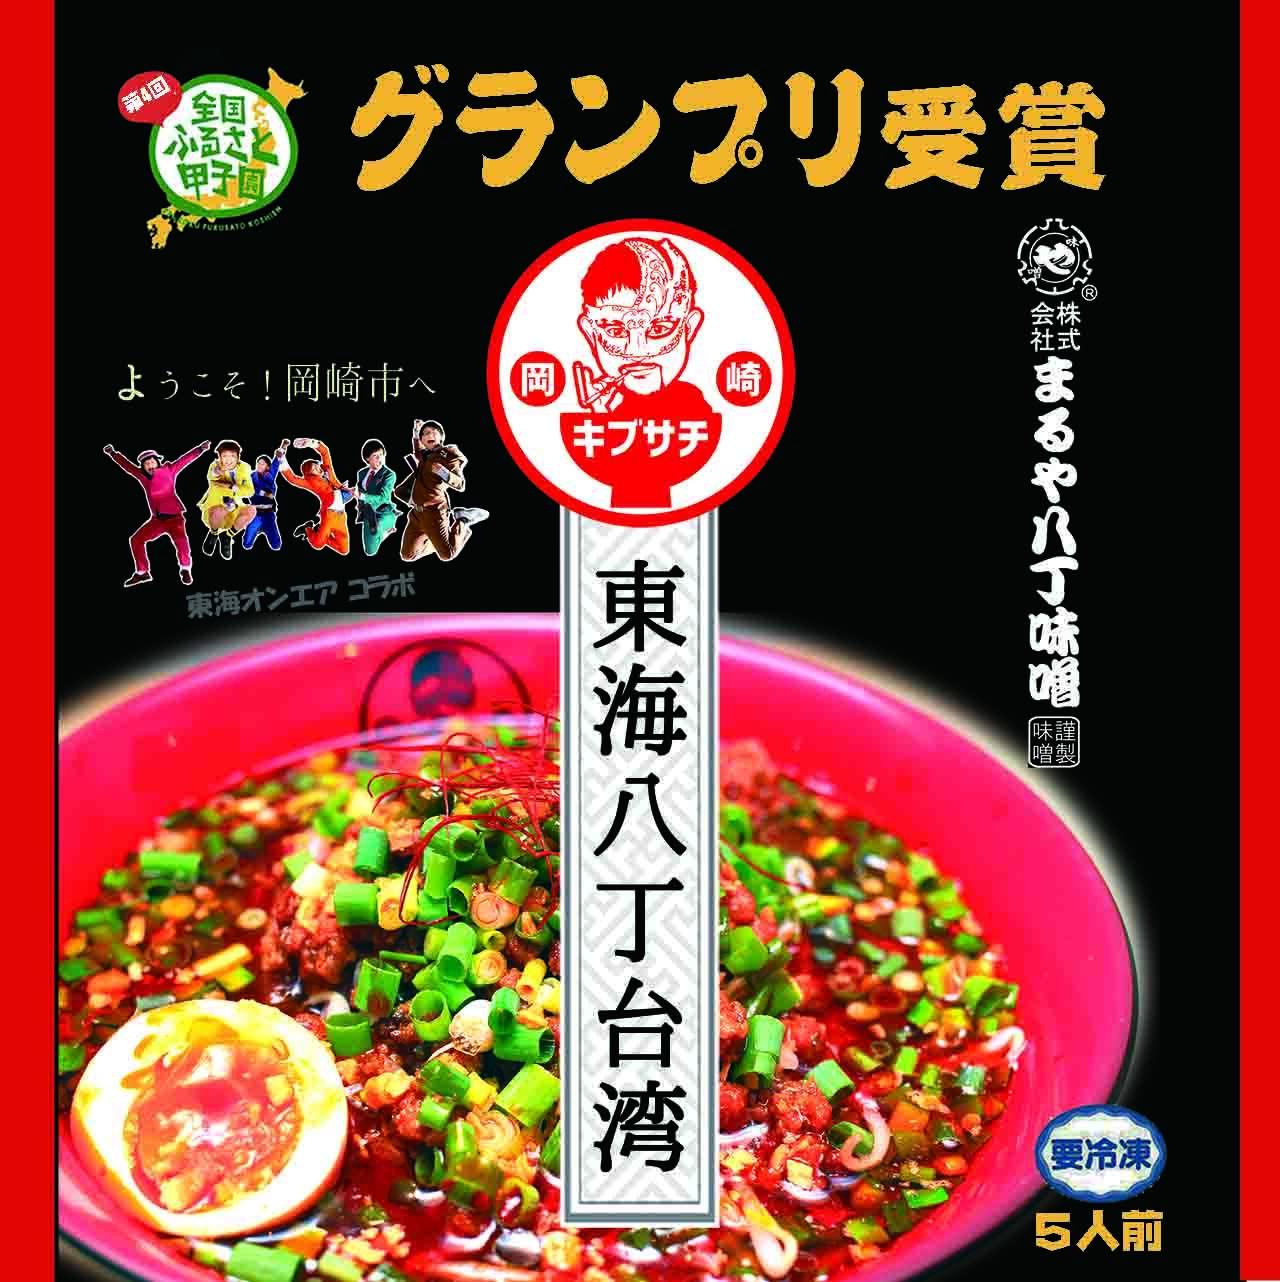 グランプリ記念ステッカー付 キブサチ「東海八丁台湾ラーメン」(5食セット)